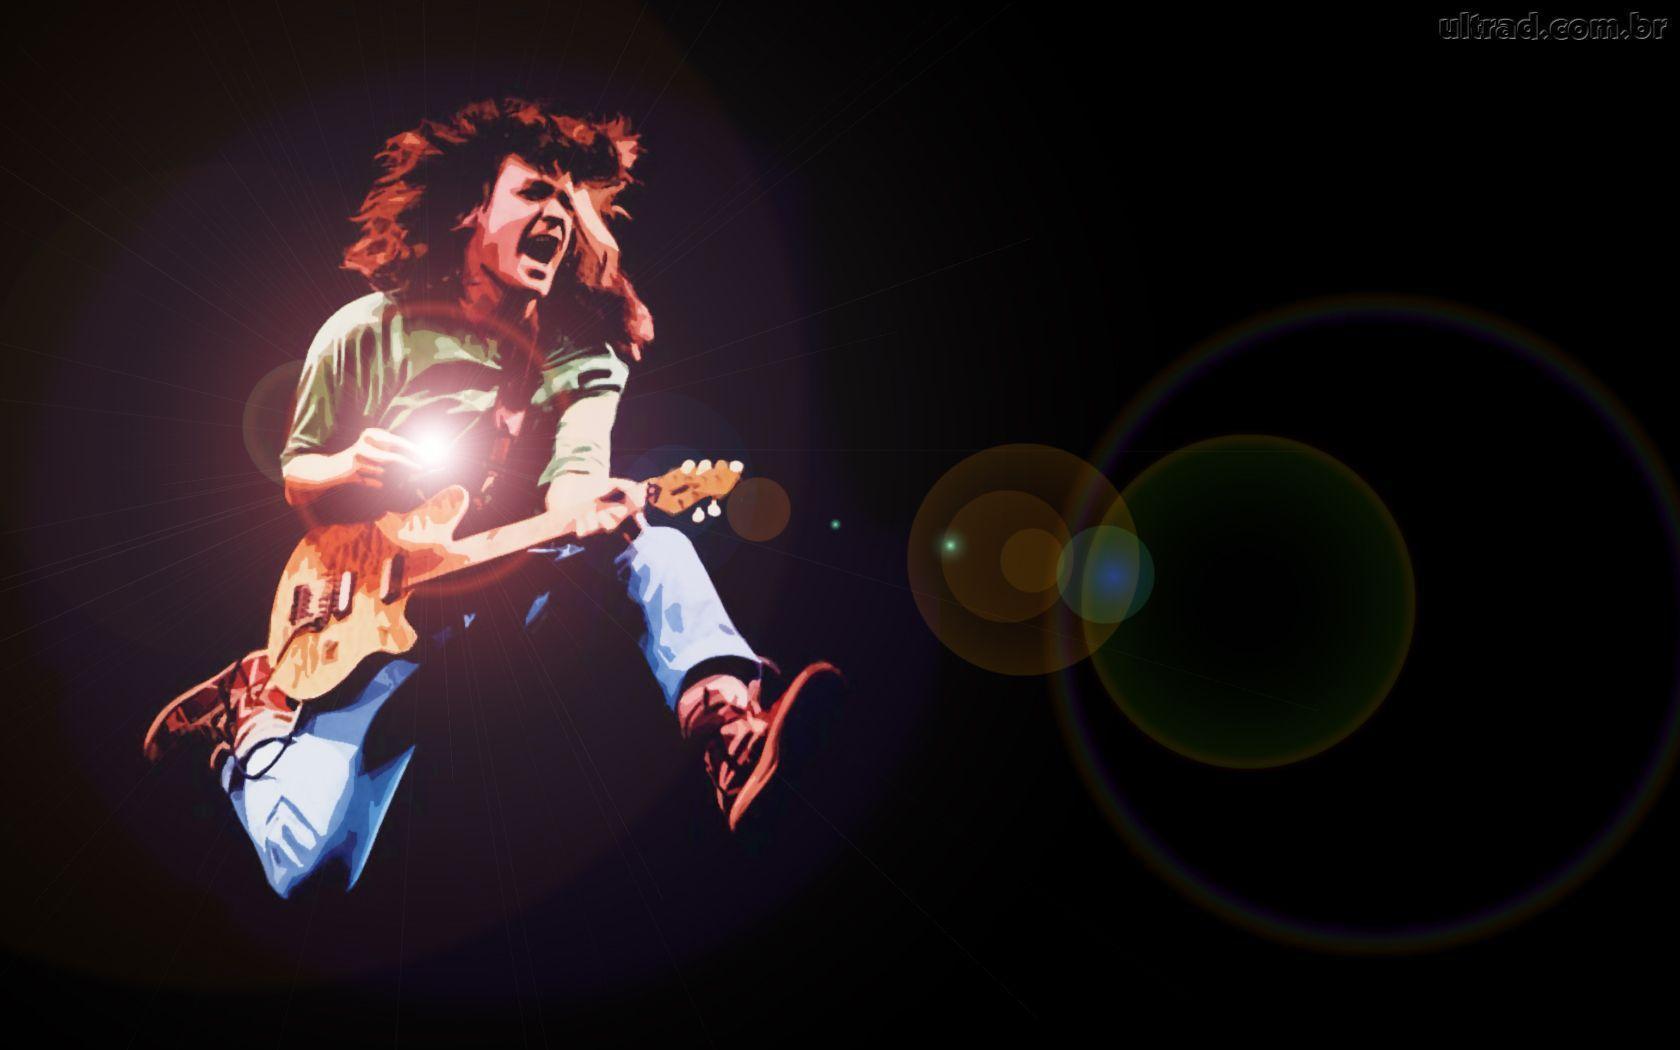 Van Halen Backgrounds 1680x1050